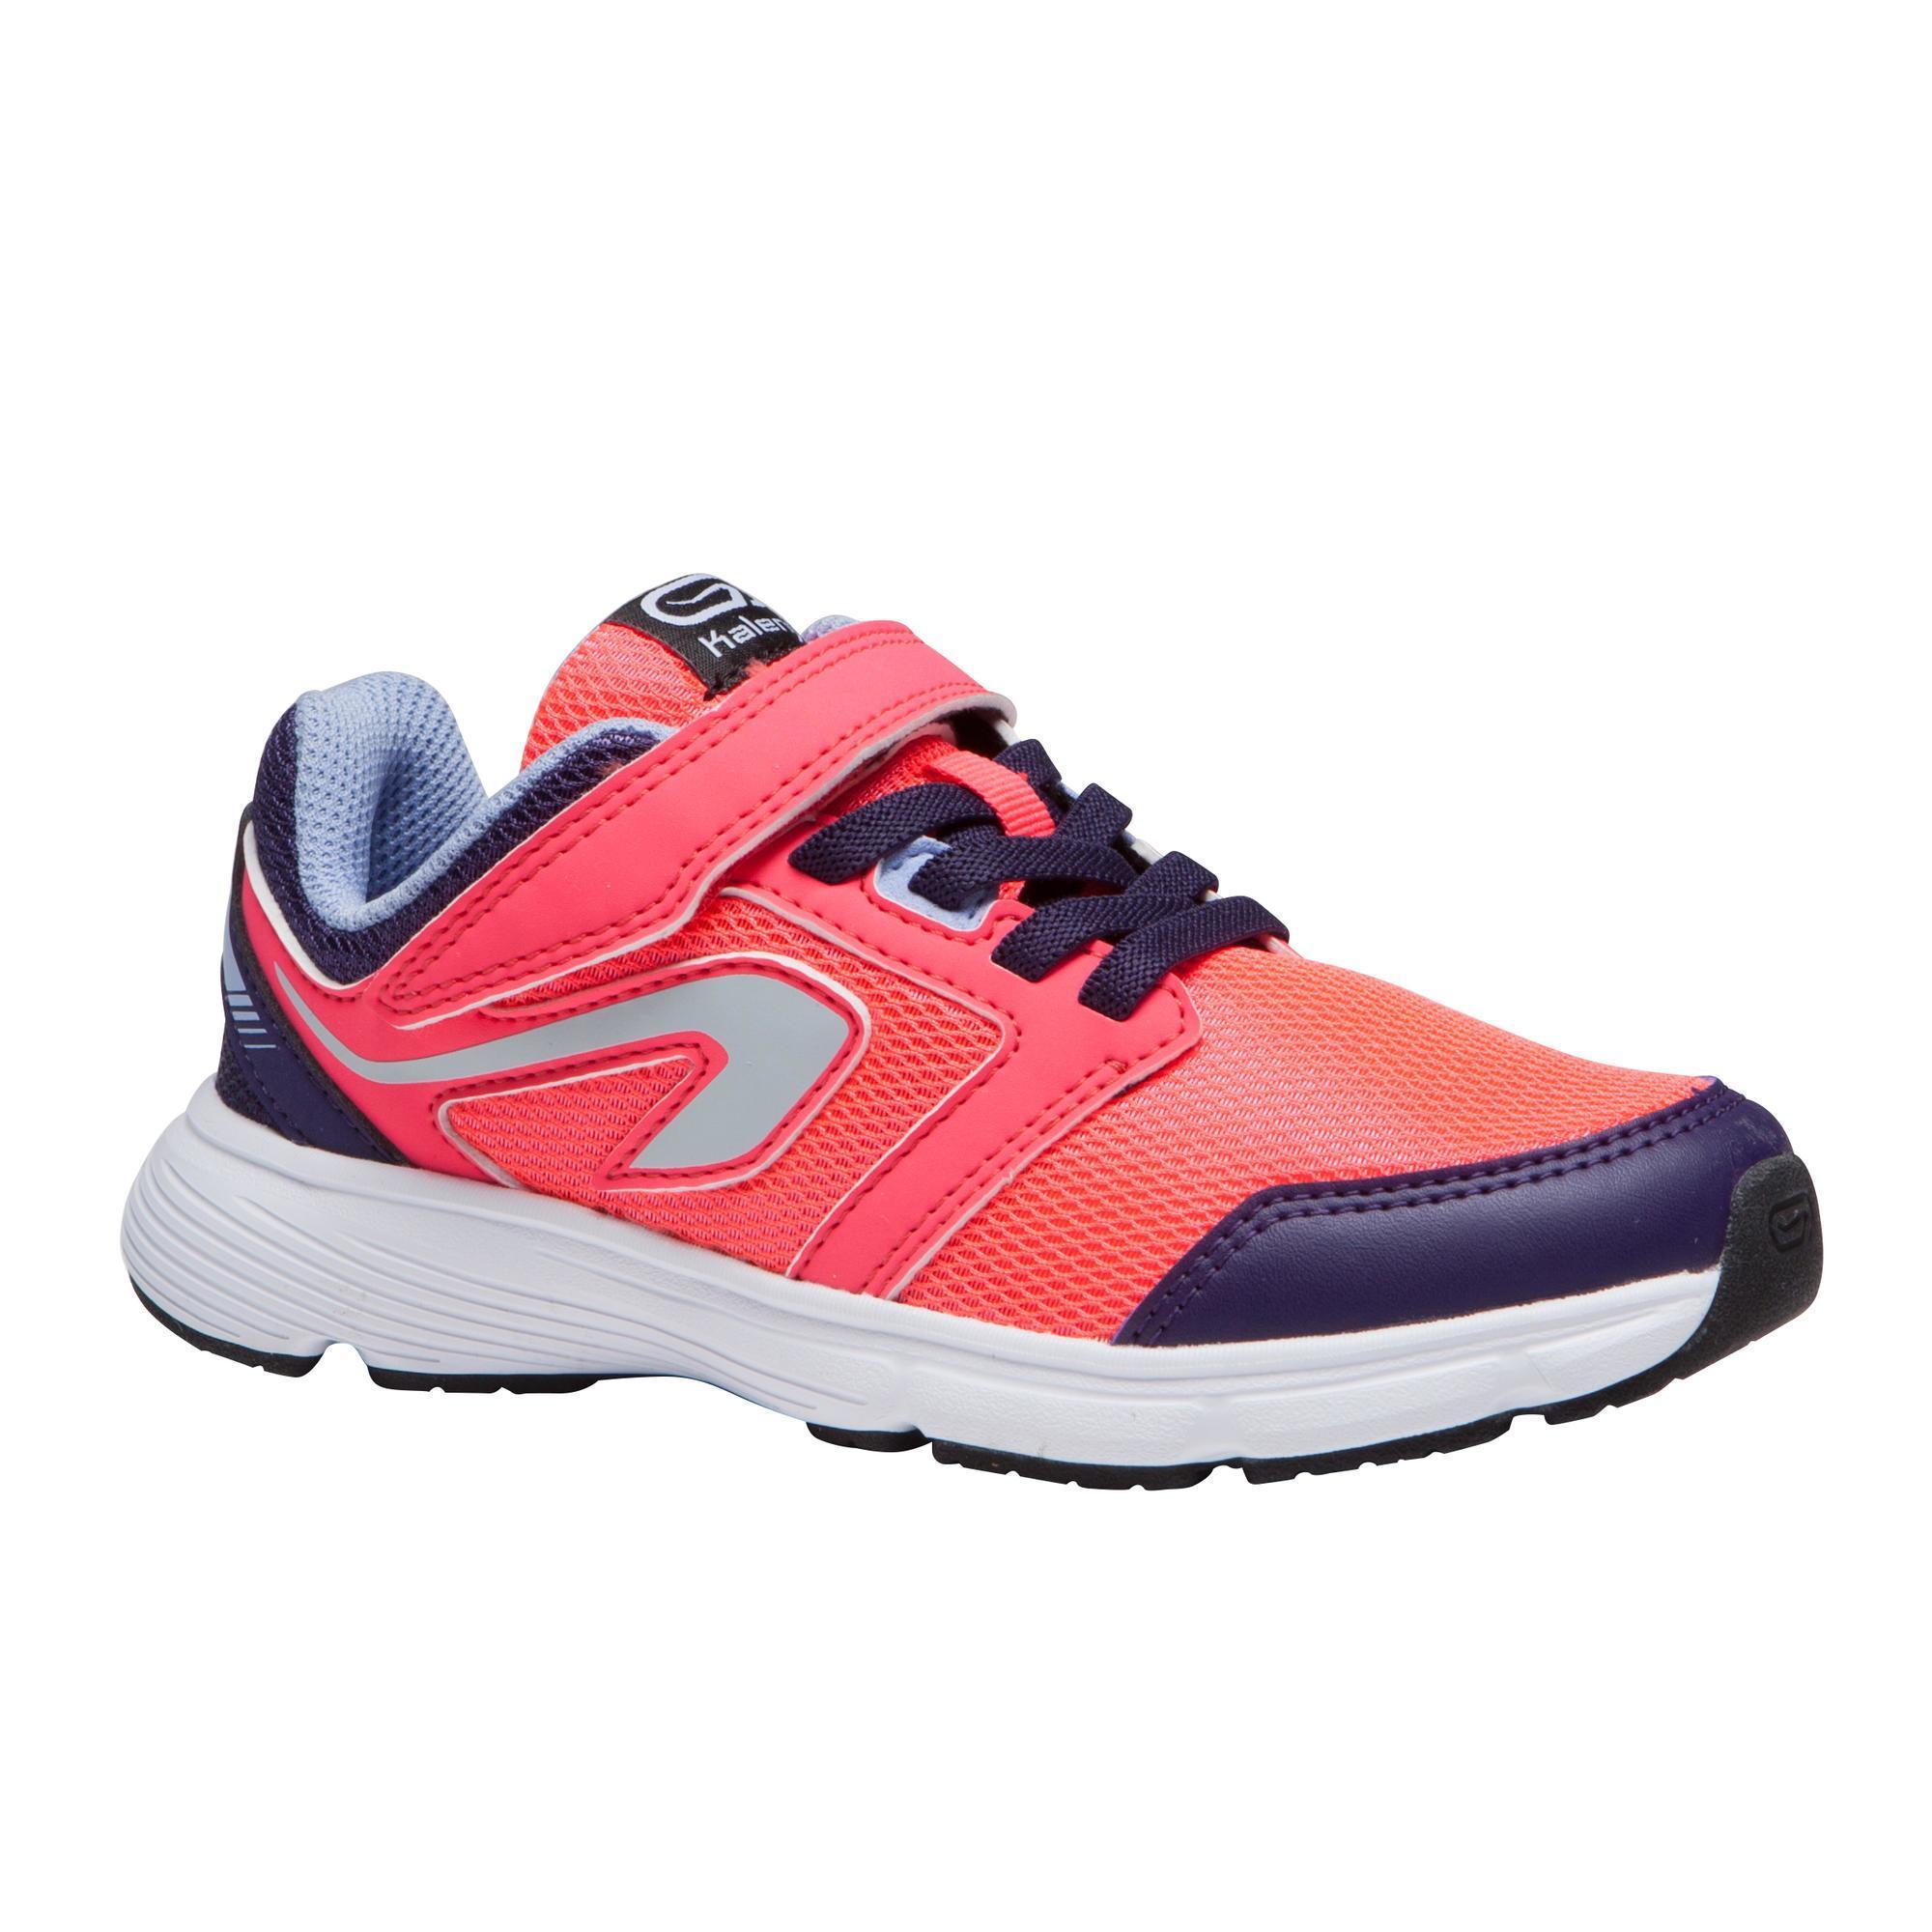 Kalenji Hardloopschoenen voor kinderen Run Support klittenband